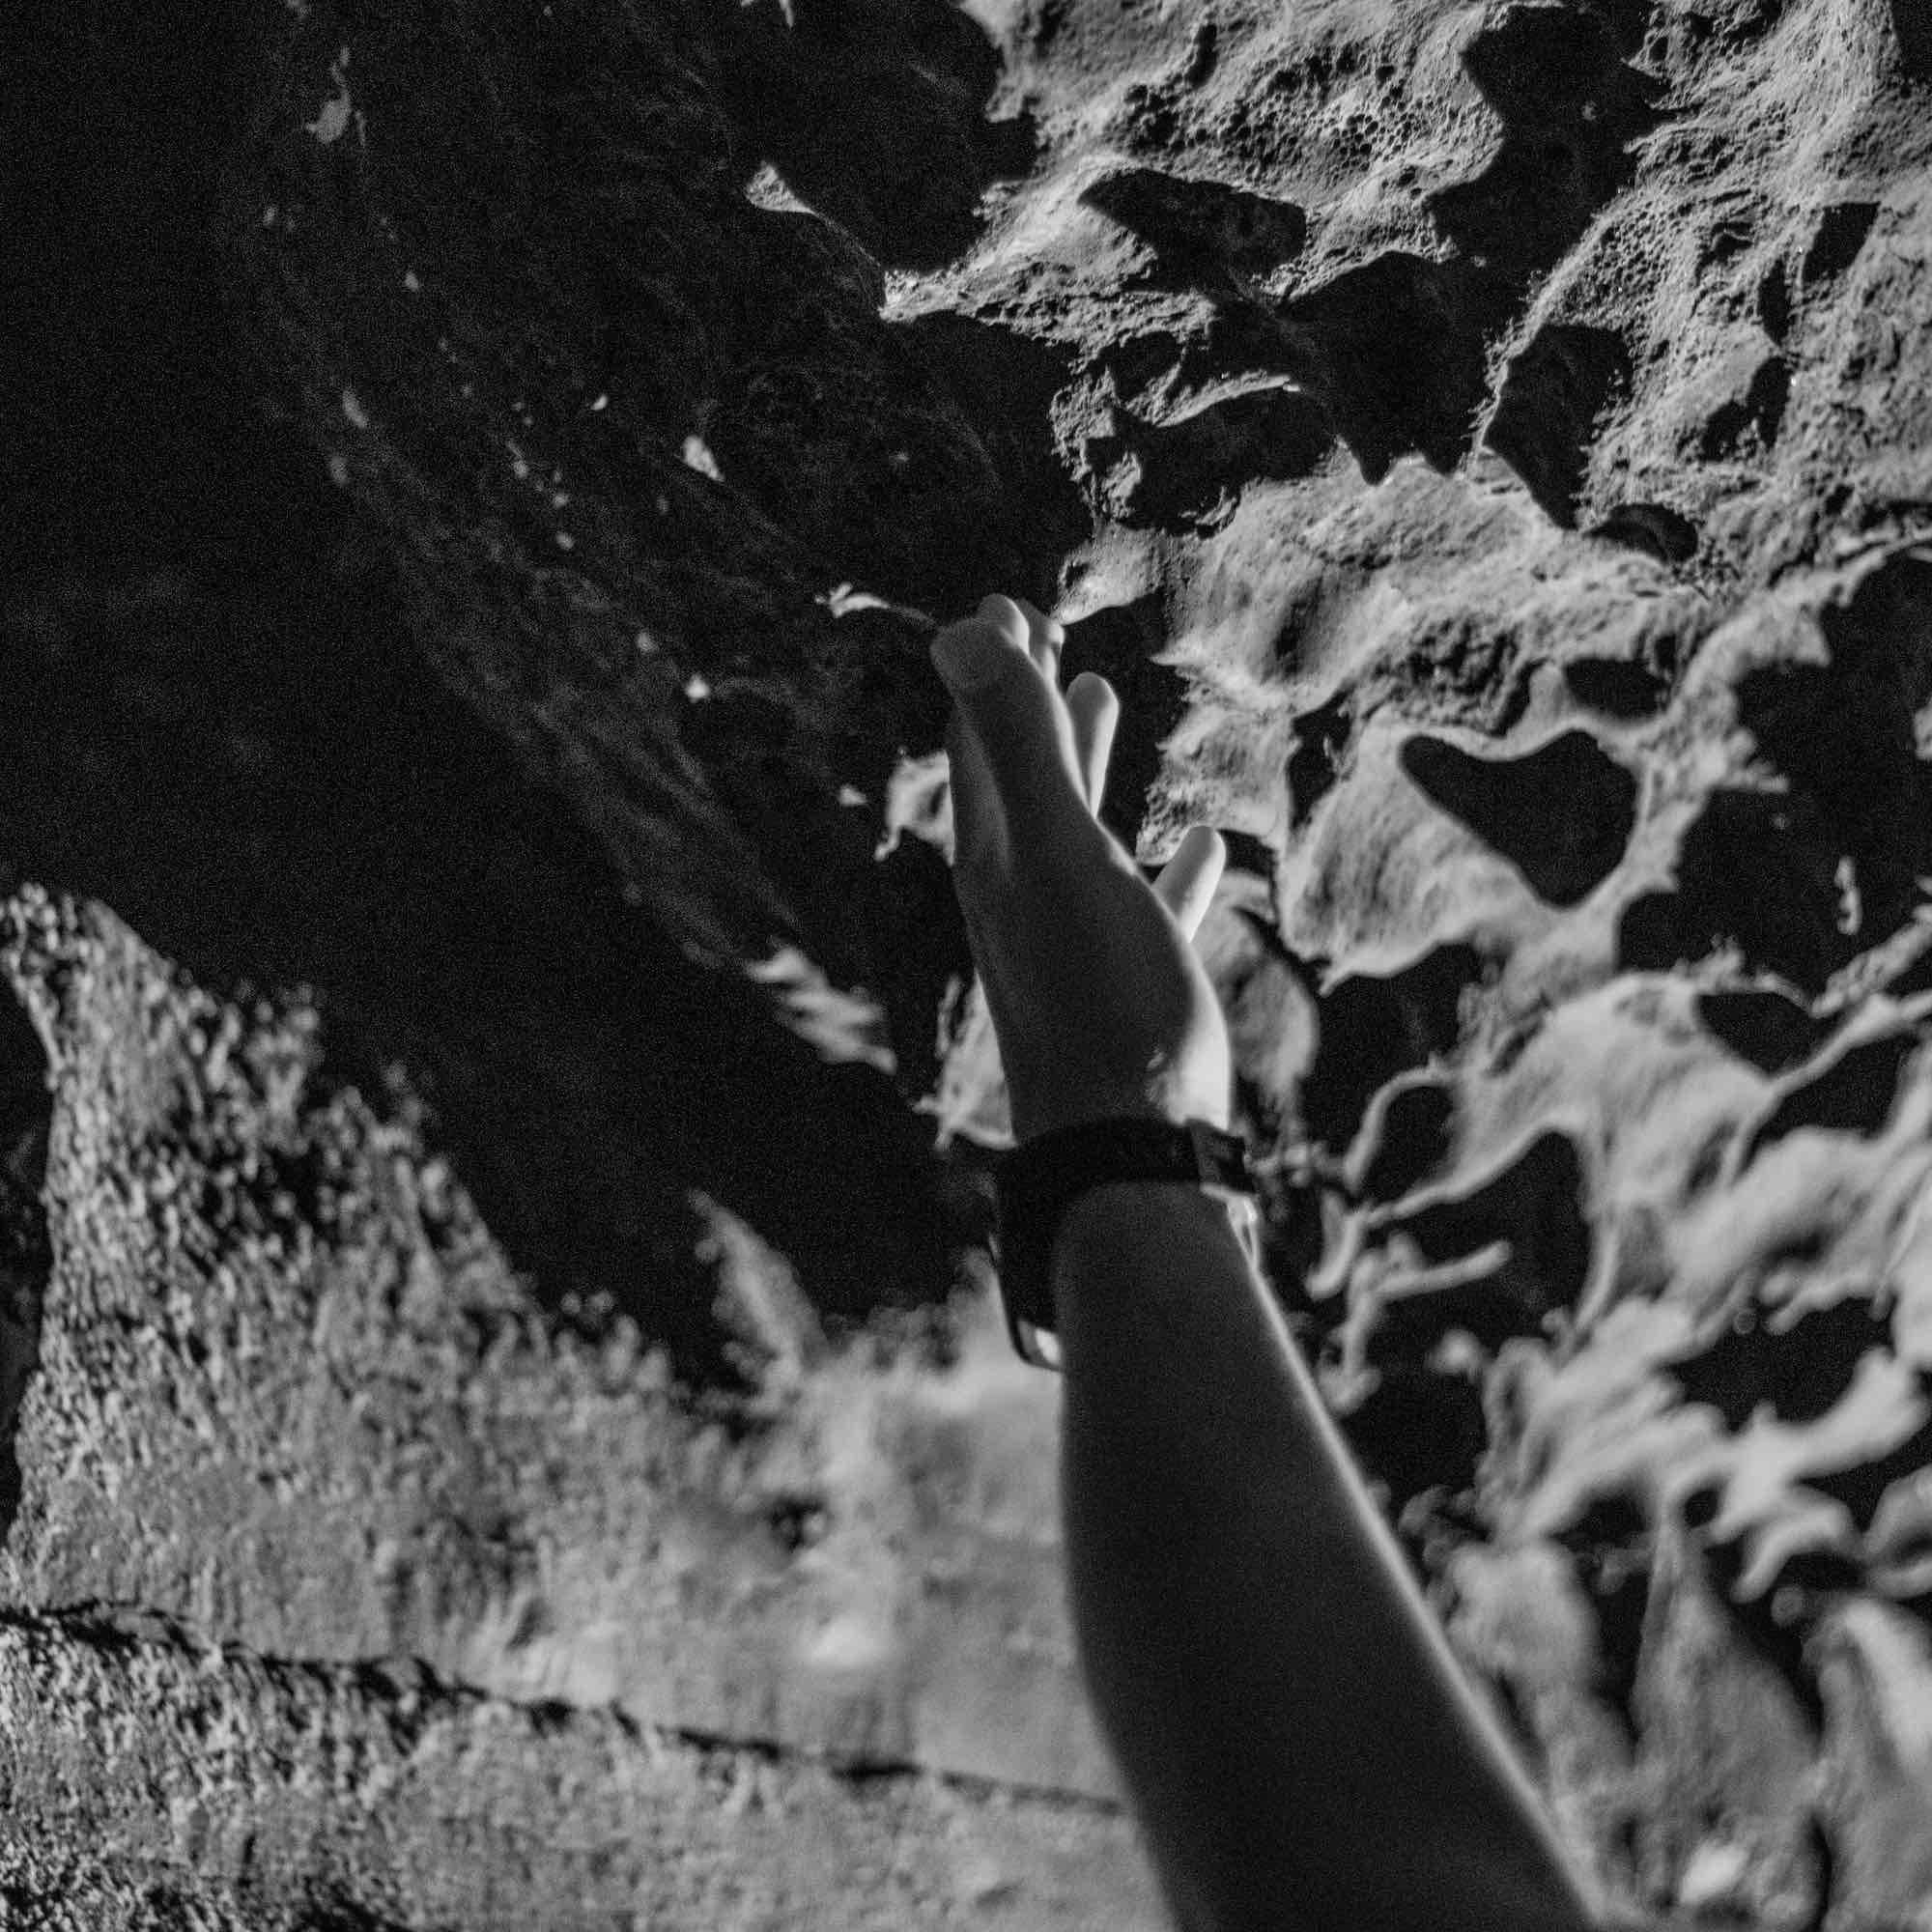 Die längste Lavahöhle Europas liegt ganz im Norden Teneriffas. Sie ist vermutlich durch den Ausbruch eines Nebenvulkans des Teide entstanden.